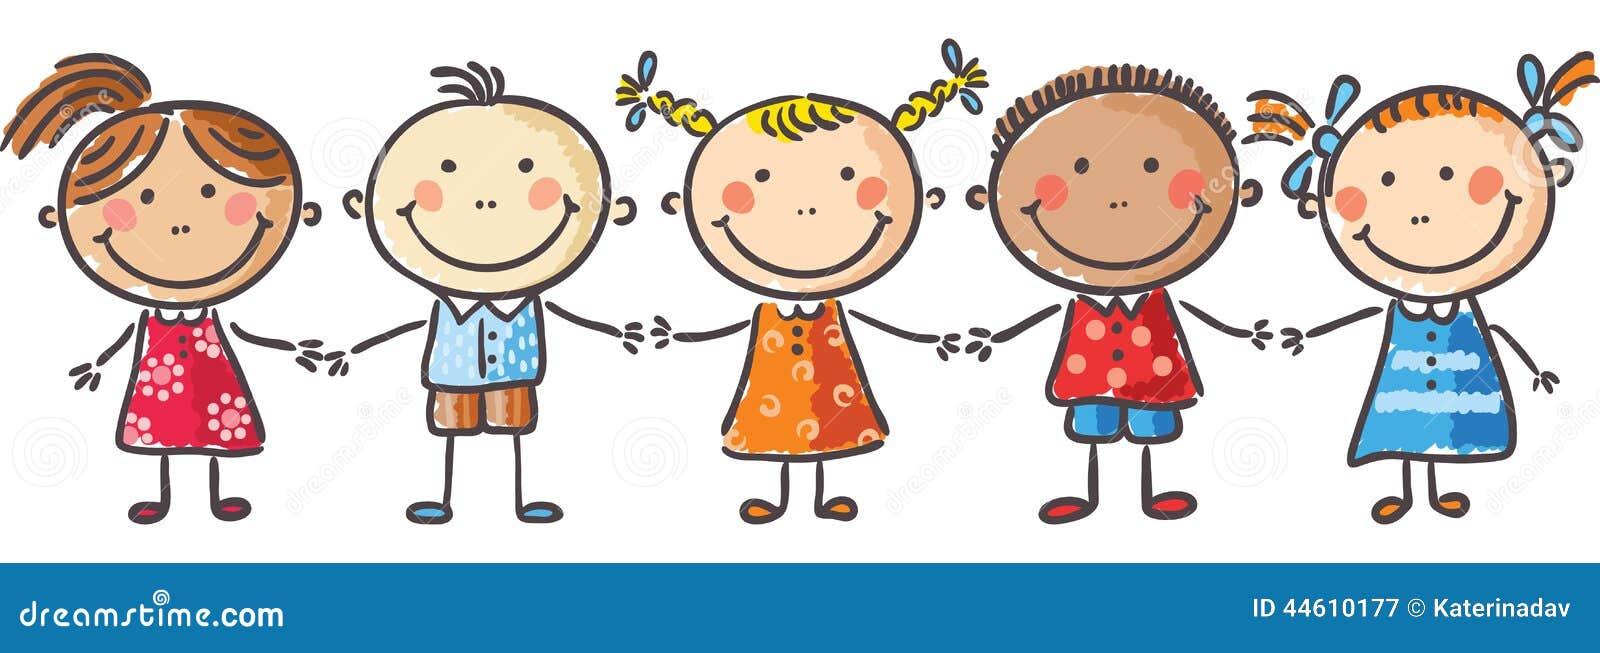 Little Kids Holding Hands Stock Vector. Illustration Of